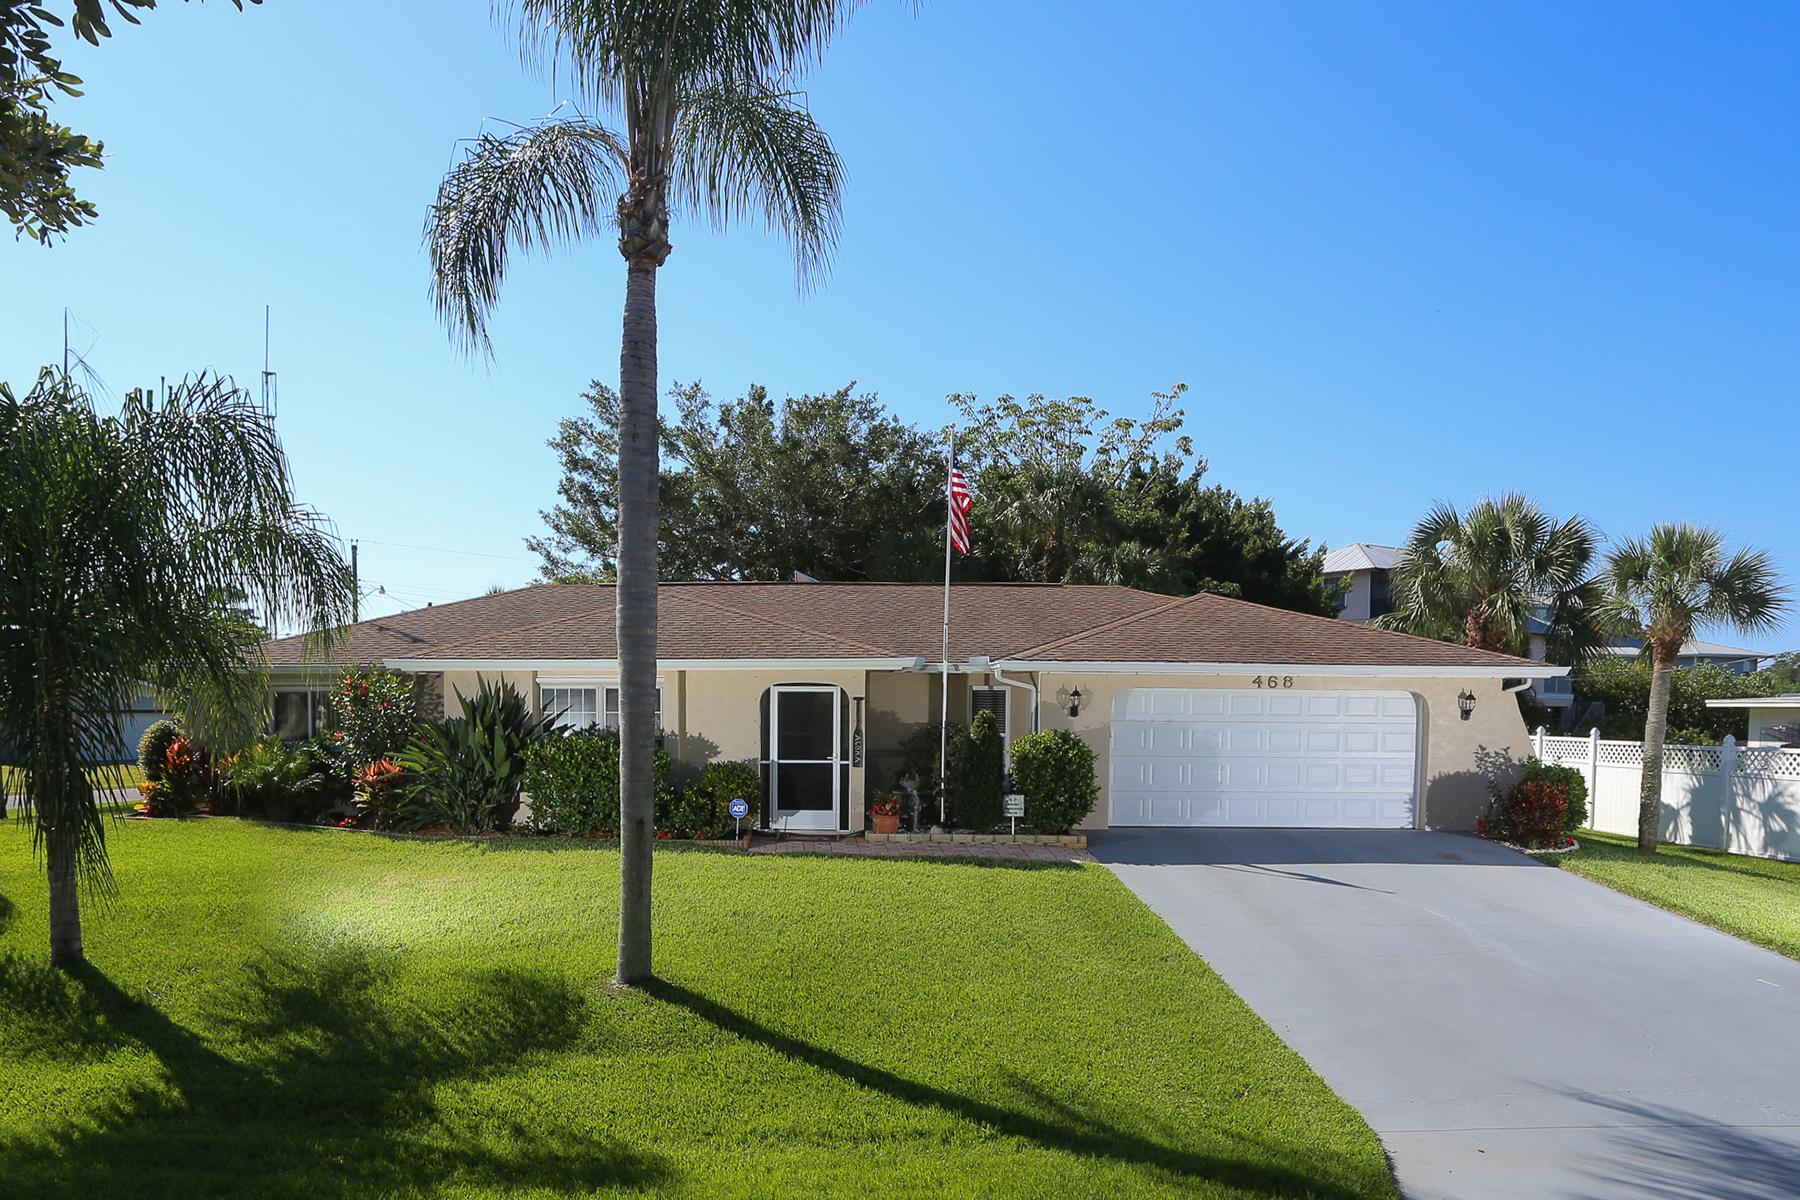 Einfamilienhaus für Verkauf beim DONA BAY SHORES 468 Ceil Dr Nokomis, Florida 34275 Vereinigte Staaten